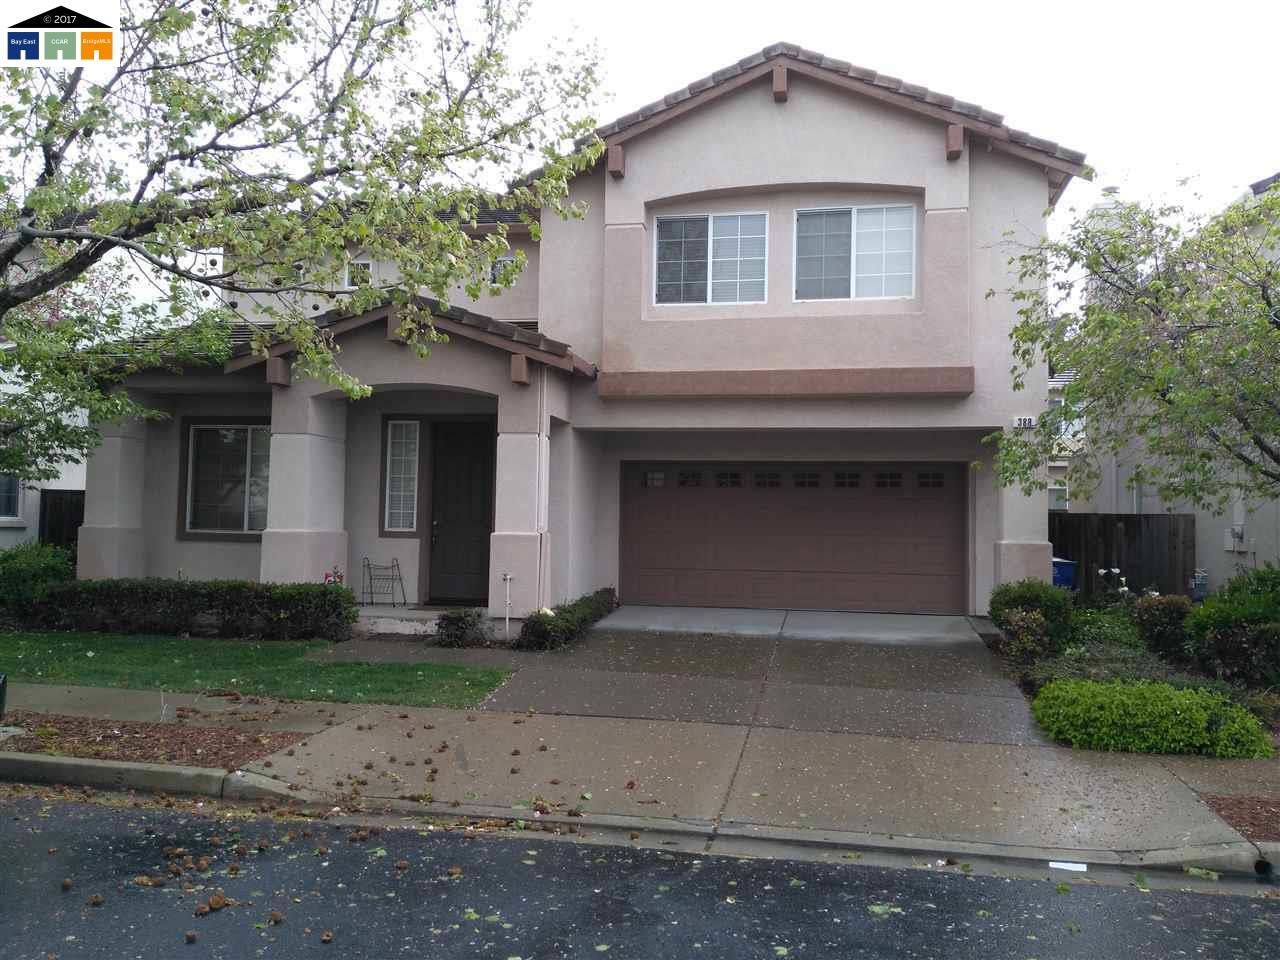 388 Alvarado St, SAN LEANDRO, CA 94577